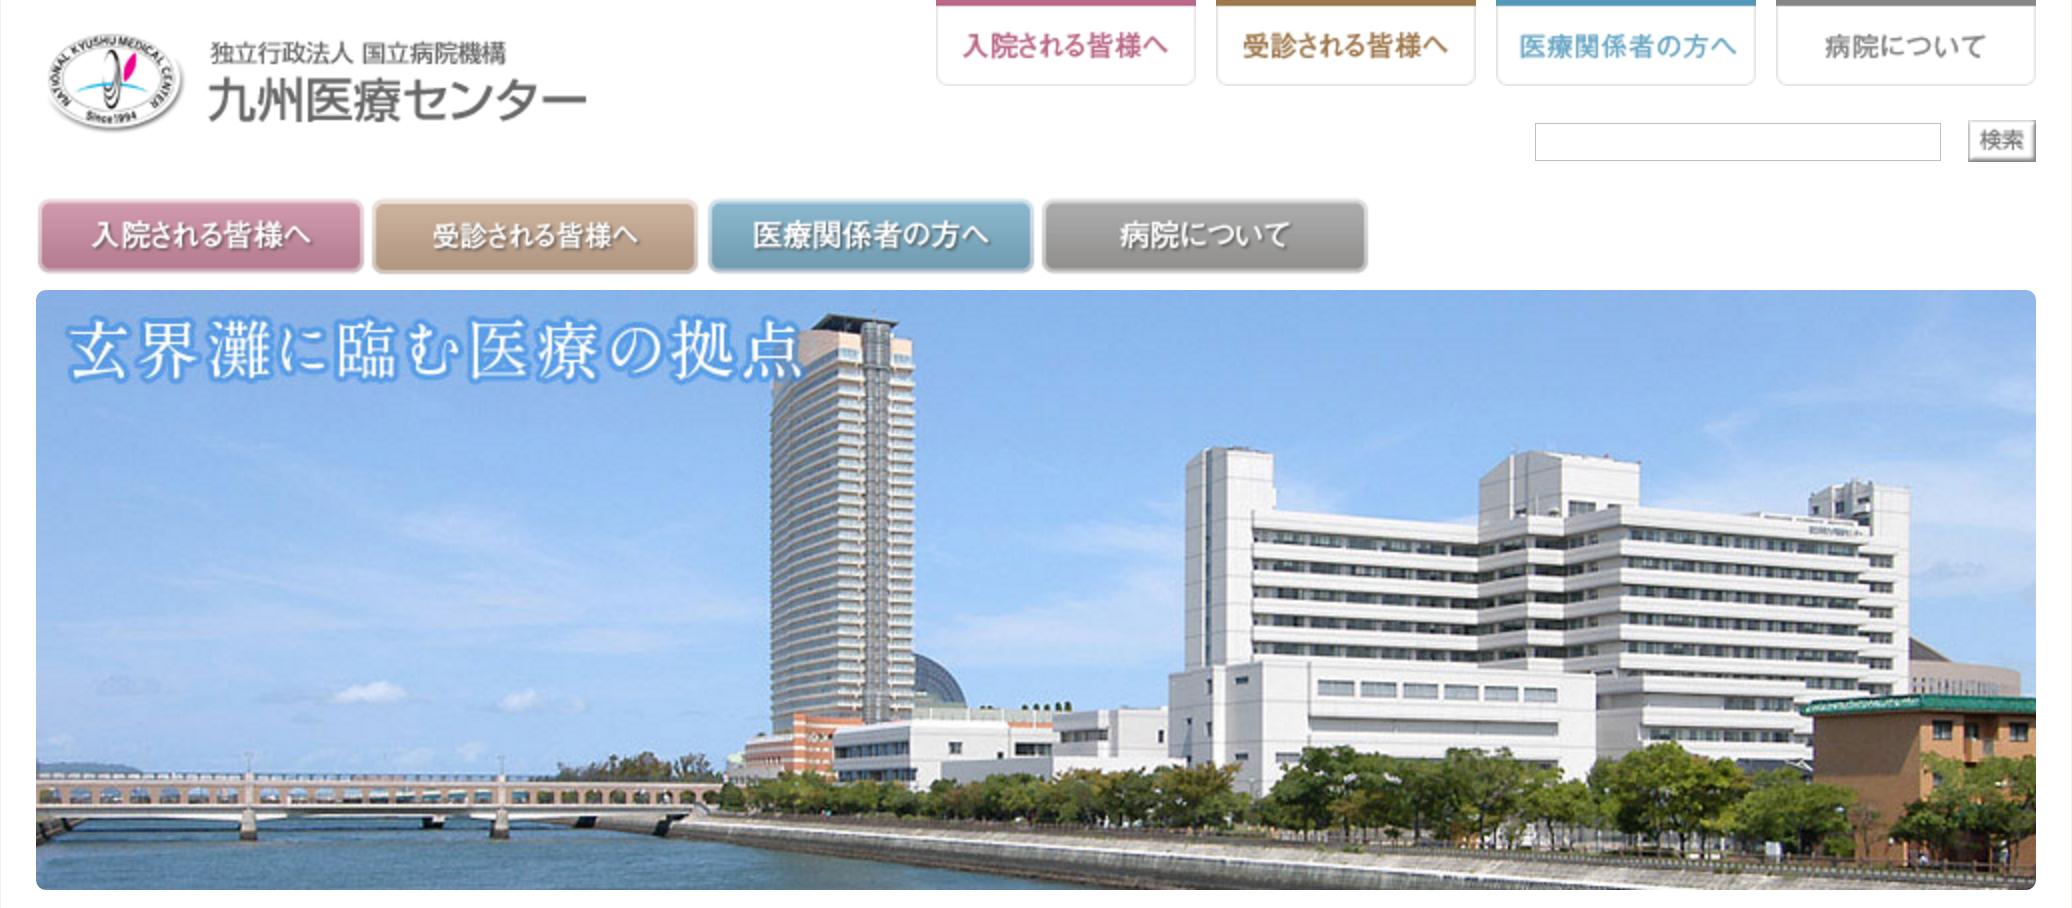 国立病院機構九州医療センター